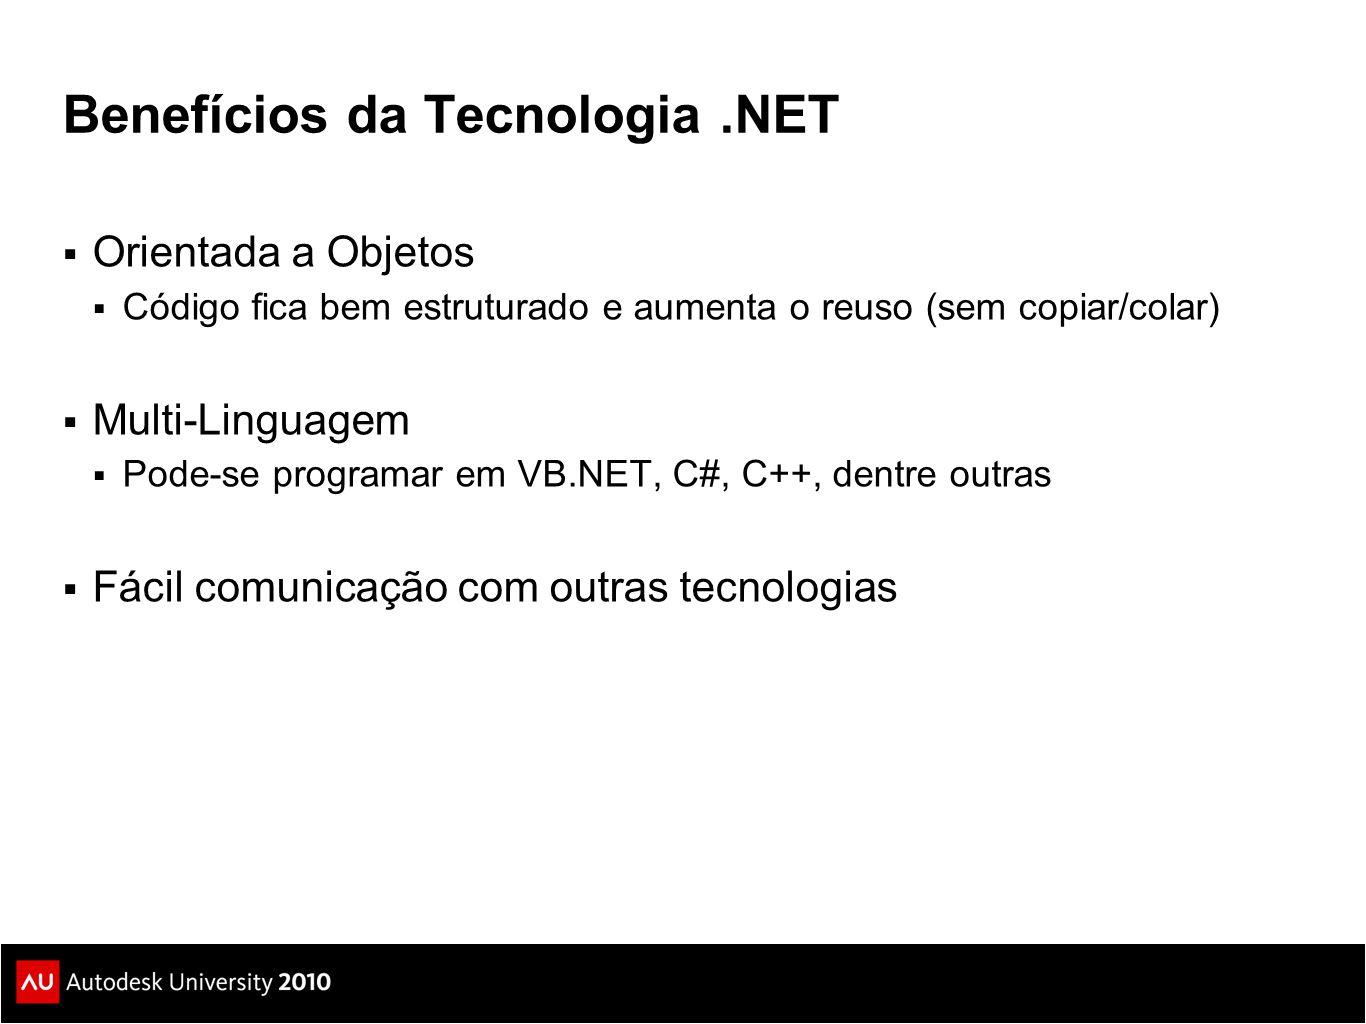 Benefícios da Tecnologia .NET